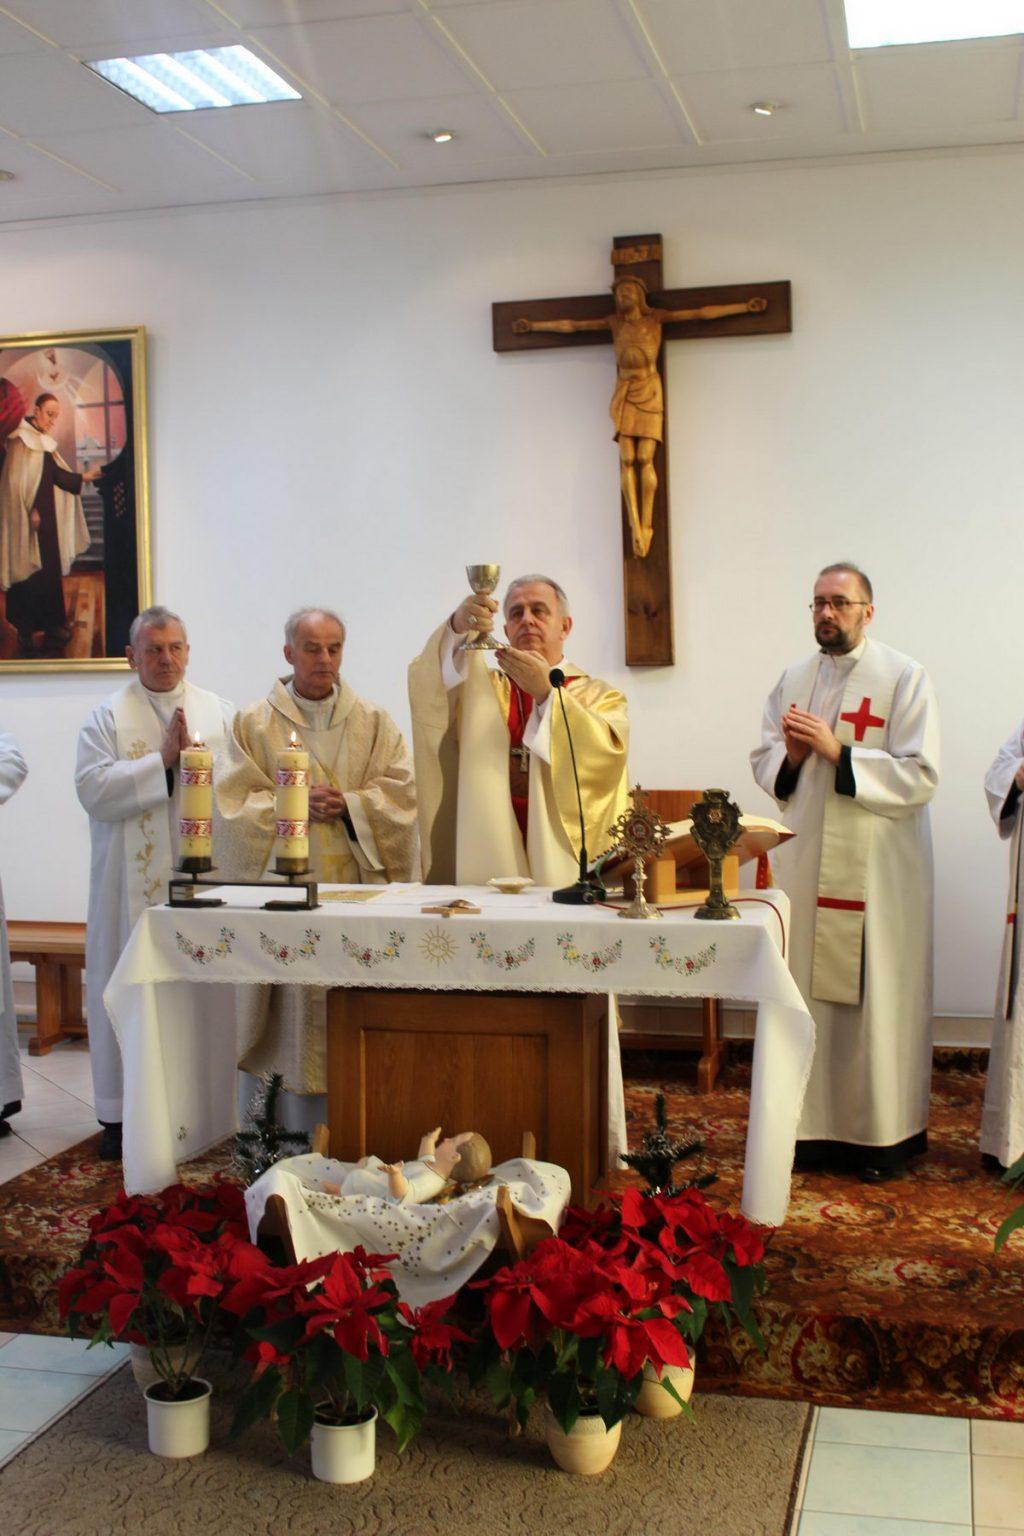 czterech księży ubranych w białe ubrania podczas mszy świętej w kaplicy szpitalnej